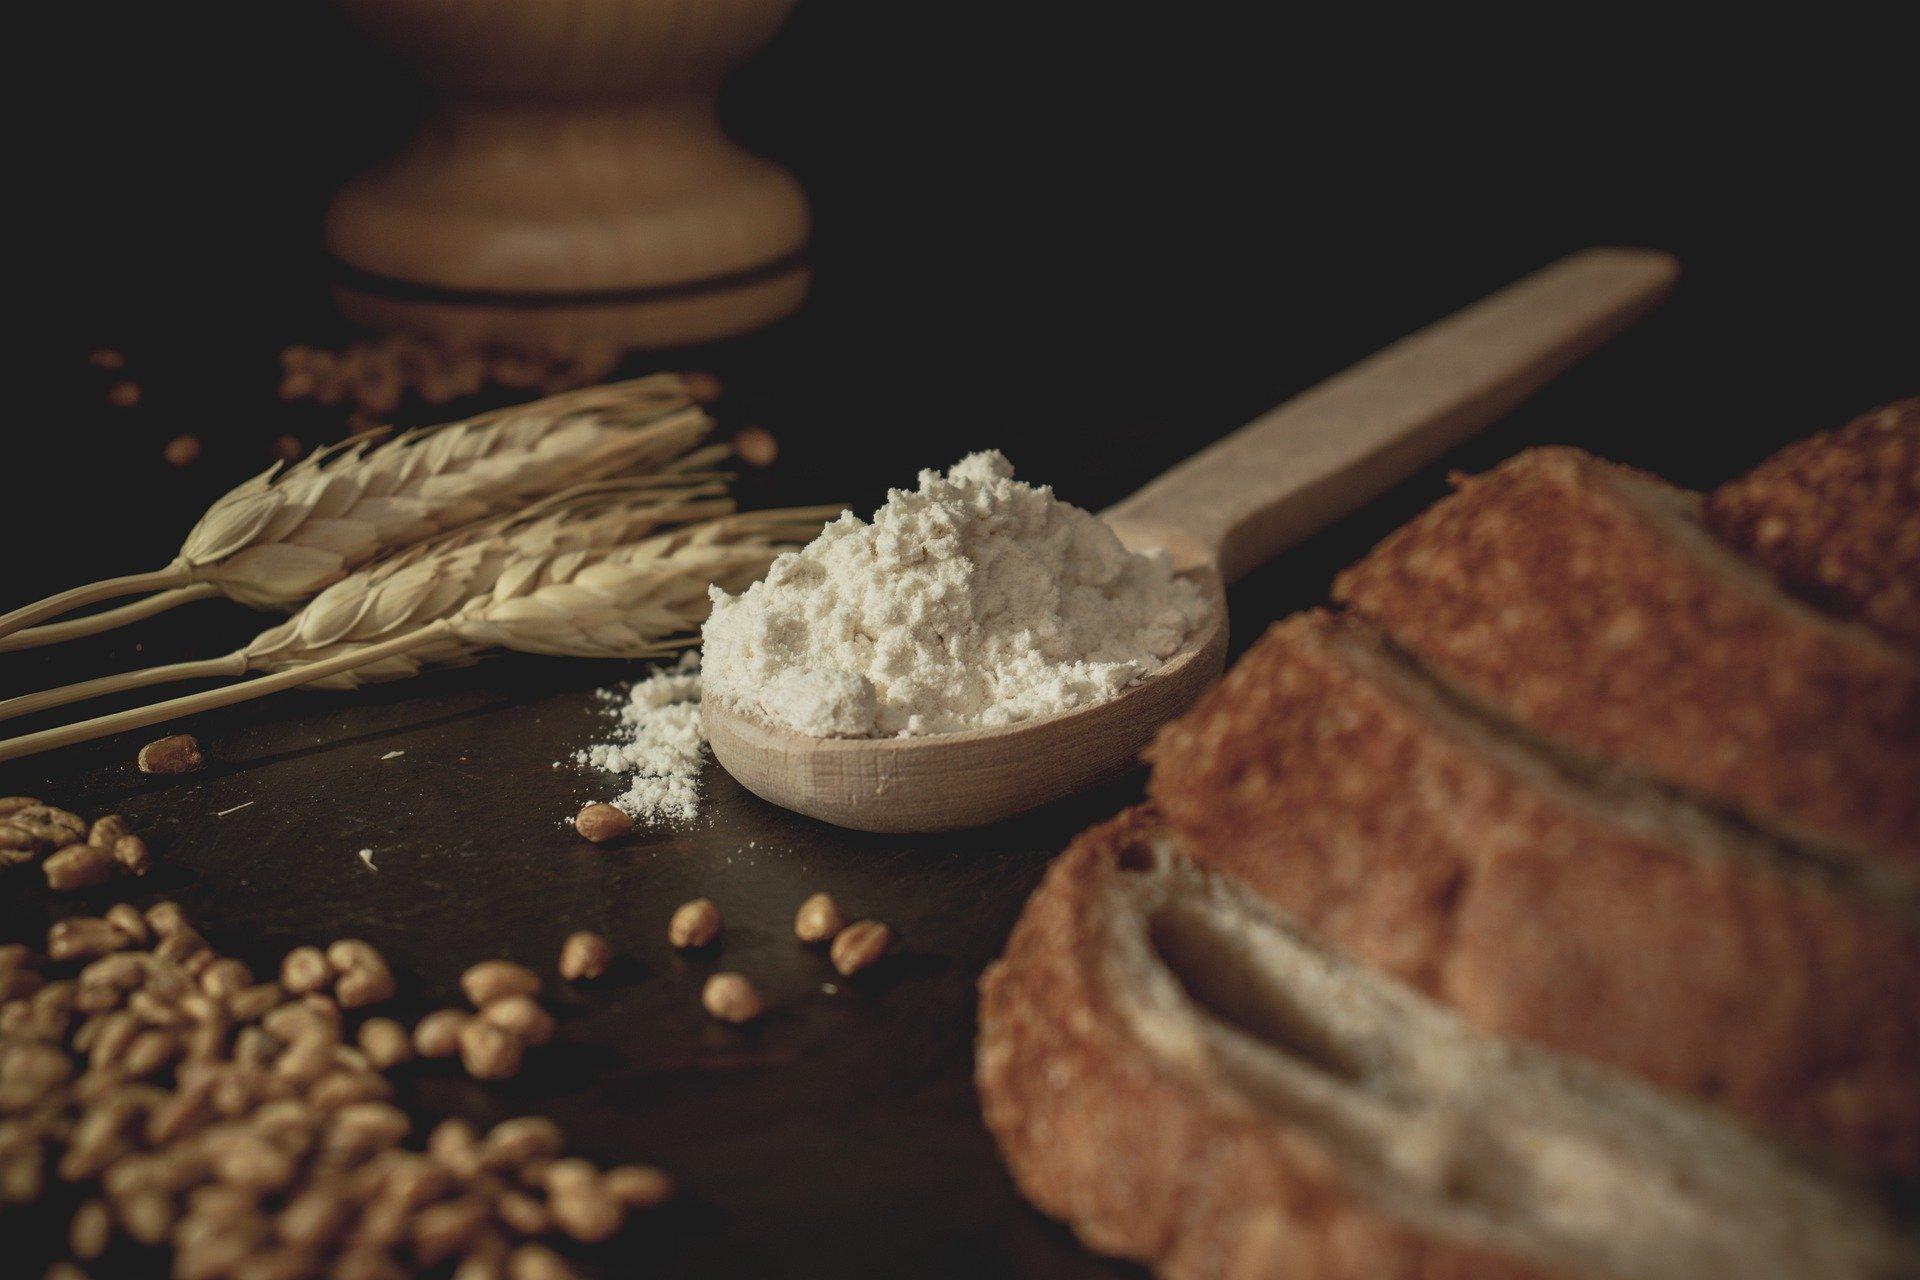 O pão nosso de cada dia ameaça gerações futuras: os efeitos de agrotóxicos e do trigo transgênico